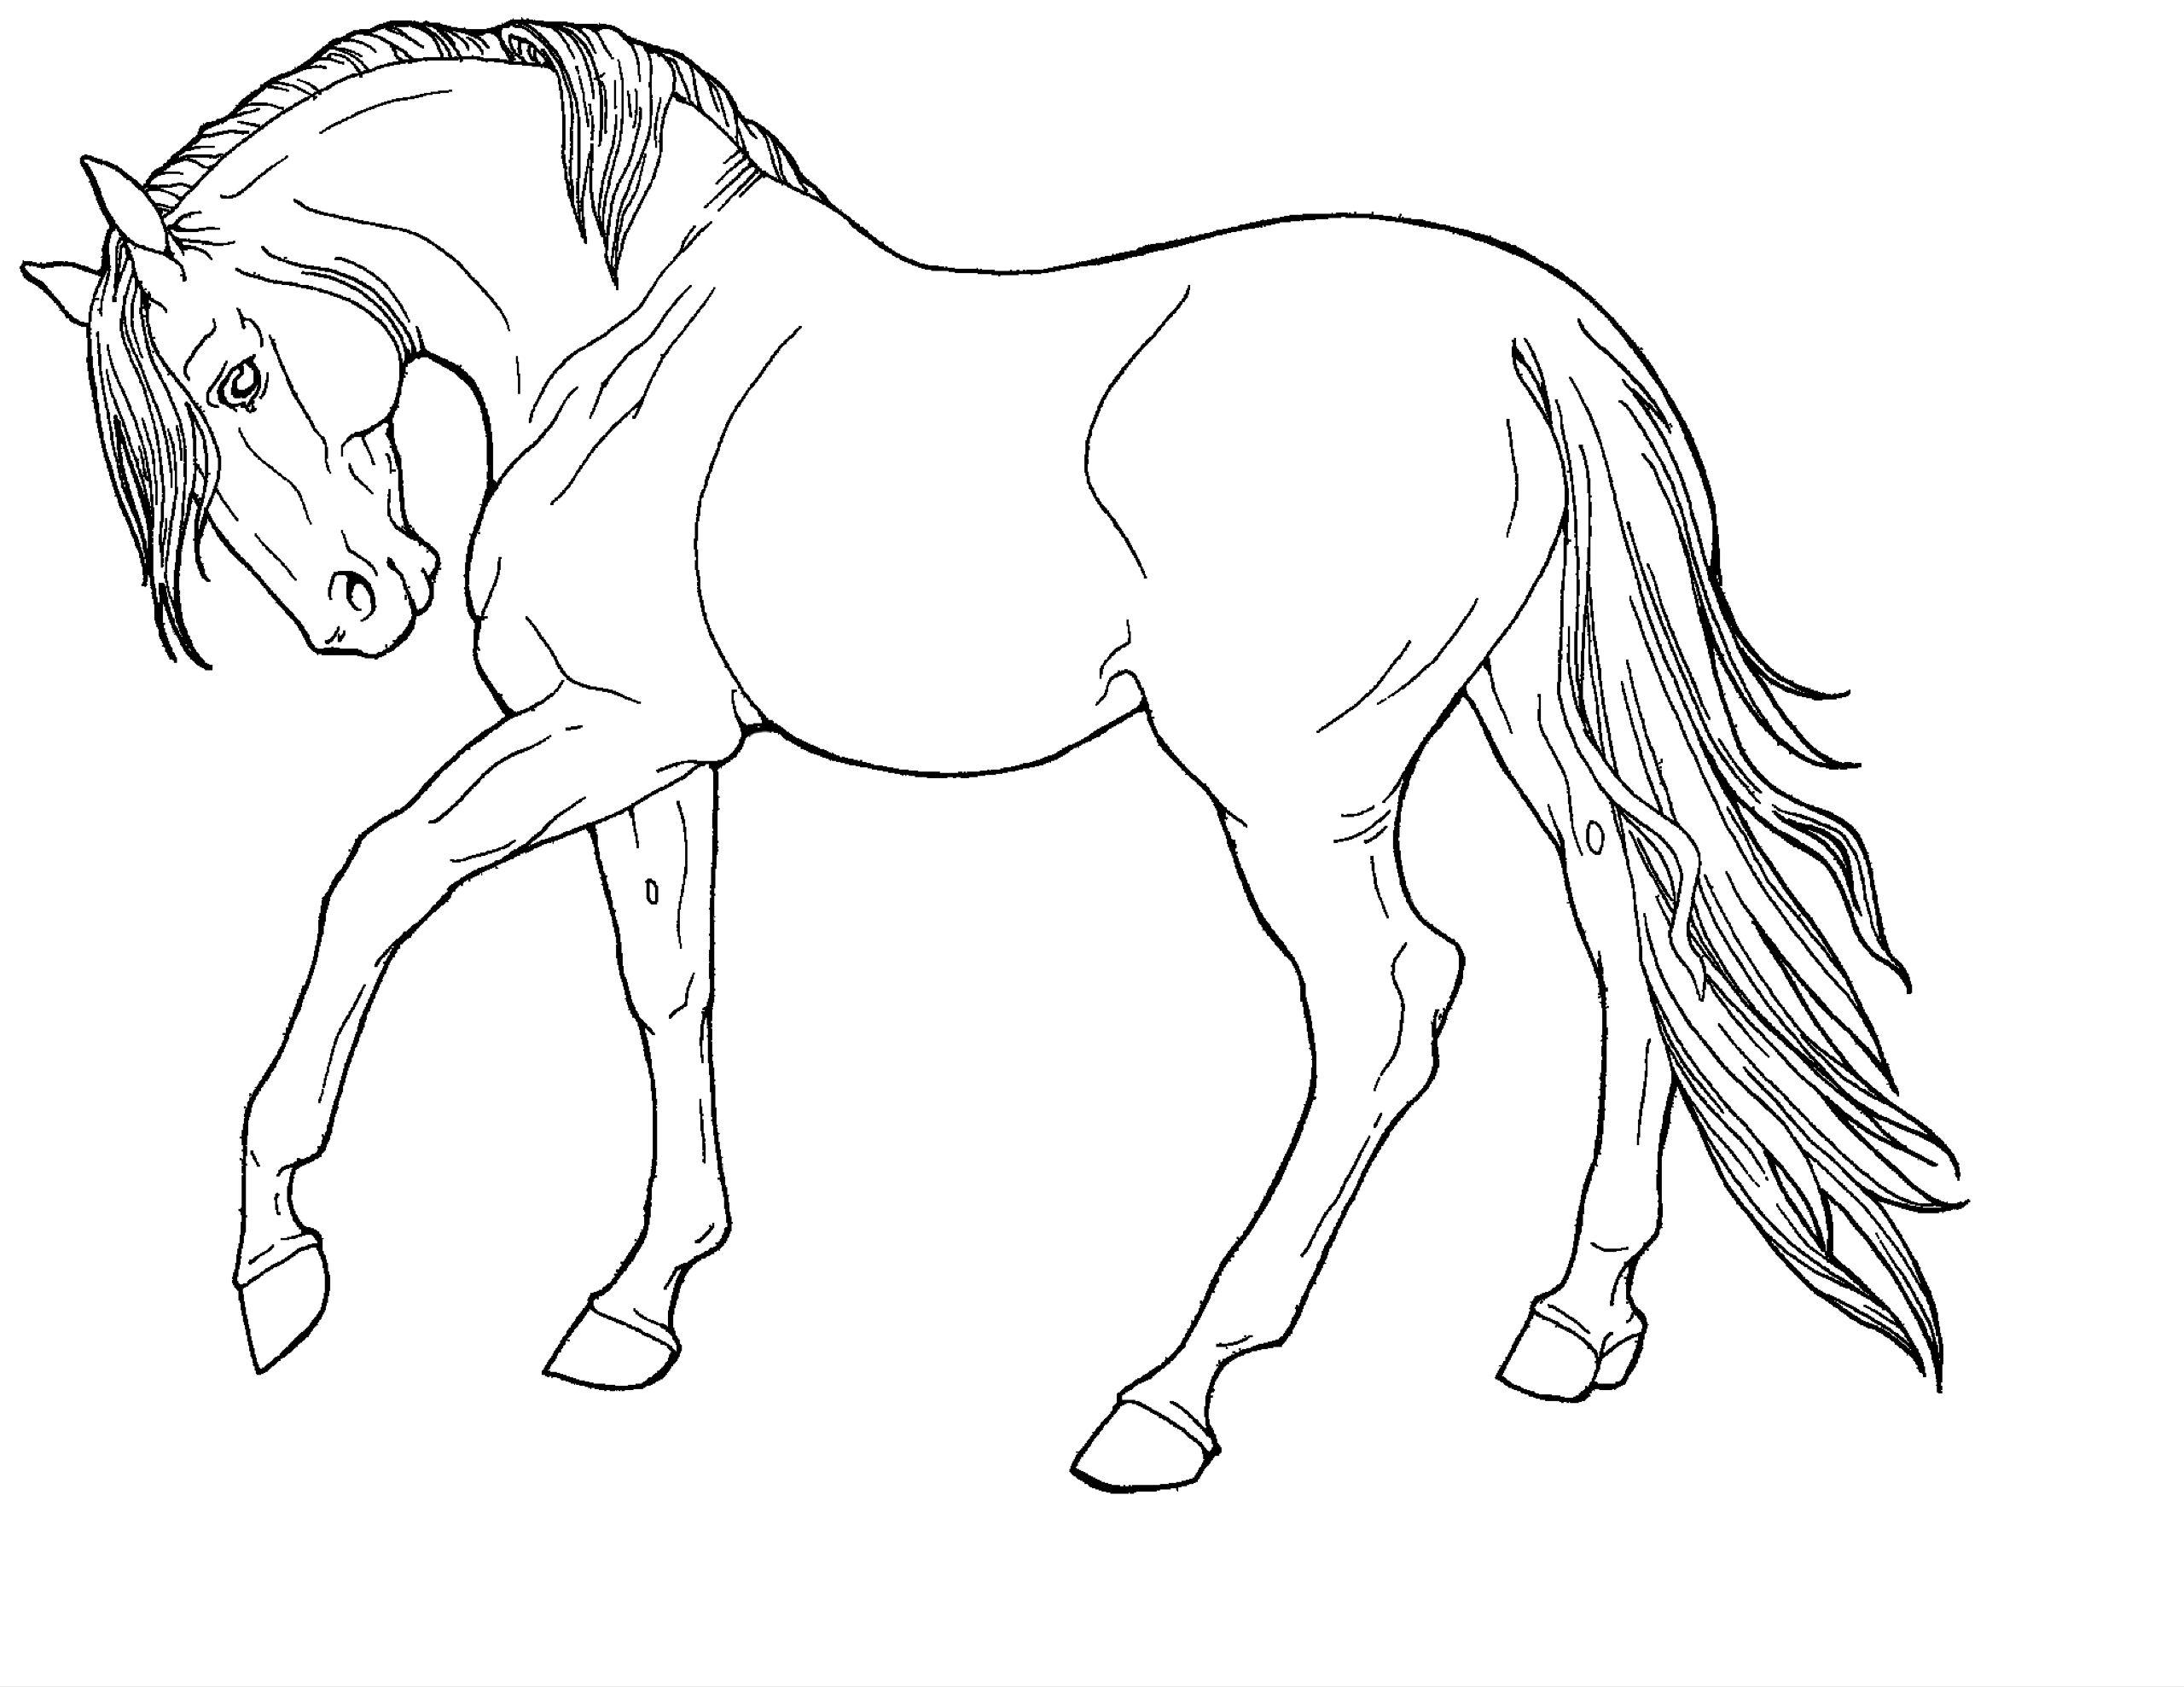 Free Line Art Fine Horse By Applehunter On Deviantart Horse Coloring Pages Horse Coloring Horse Drawings [ 1977 x 2560 Pixel ]